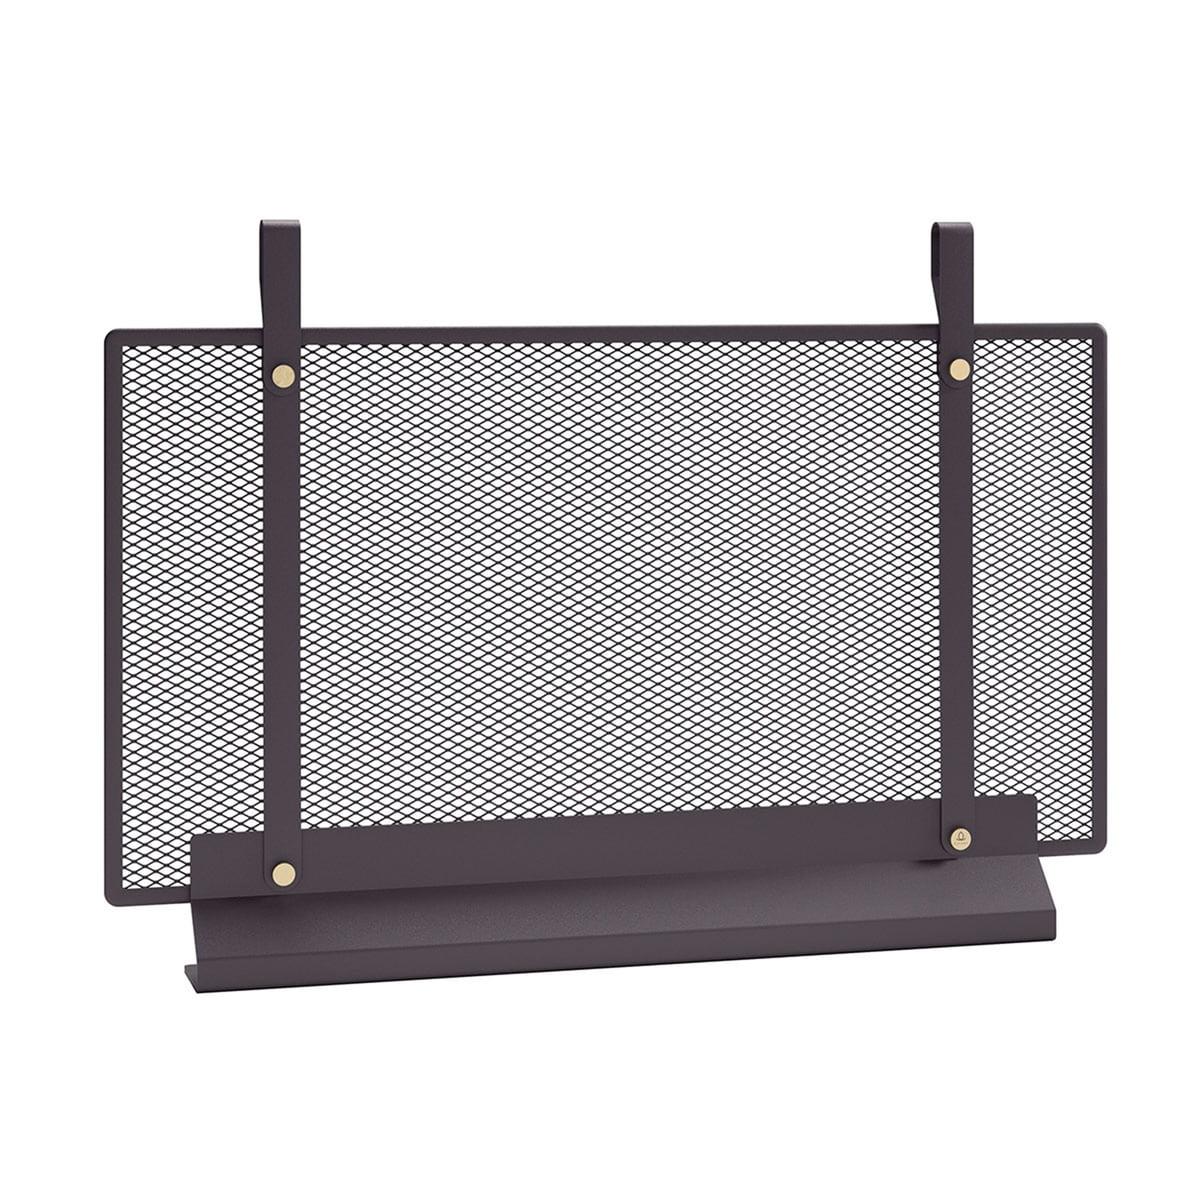 funkenschutzgitter von eldvarm im shop kaufen. Black Bedroom Furniture Sets. Home Design Ideas